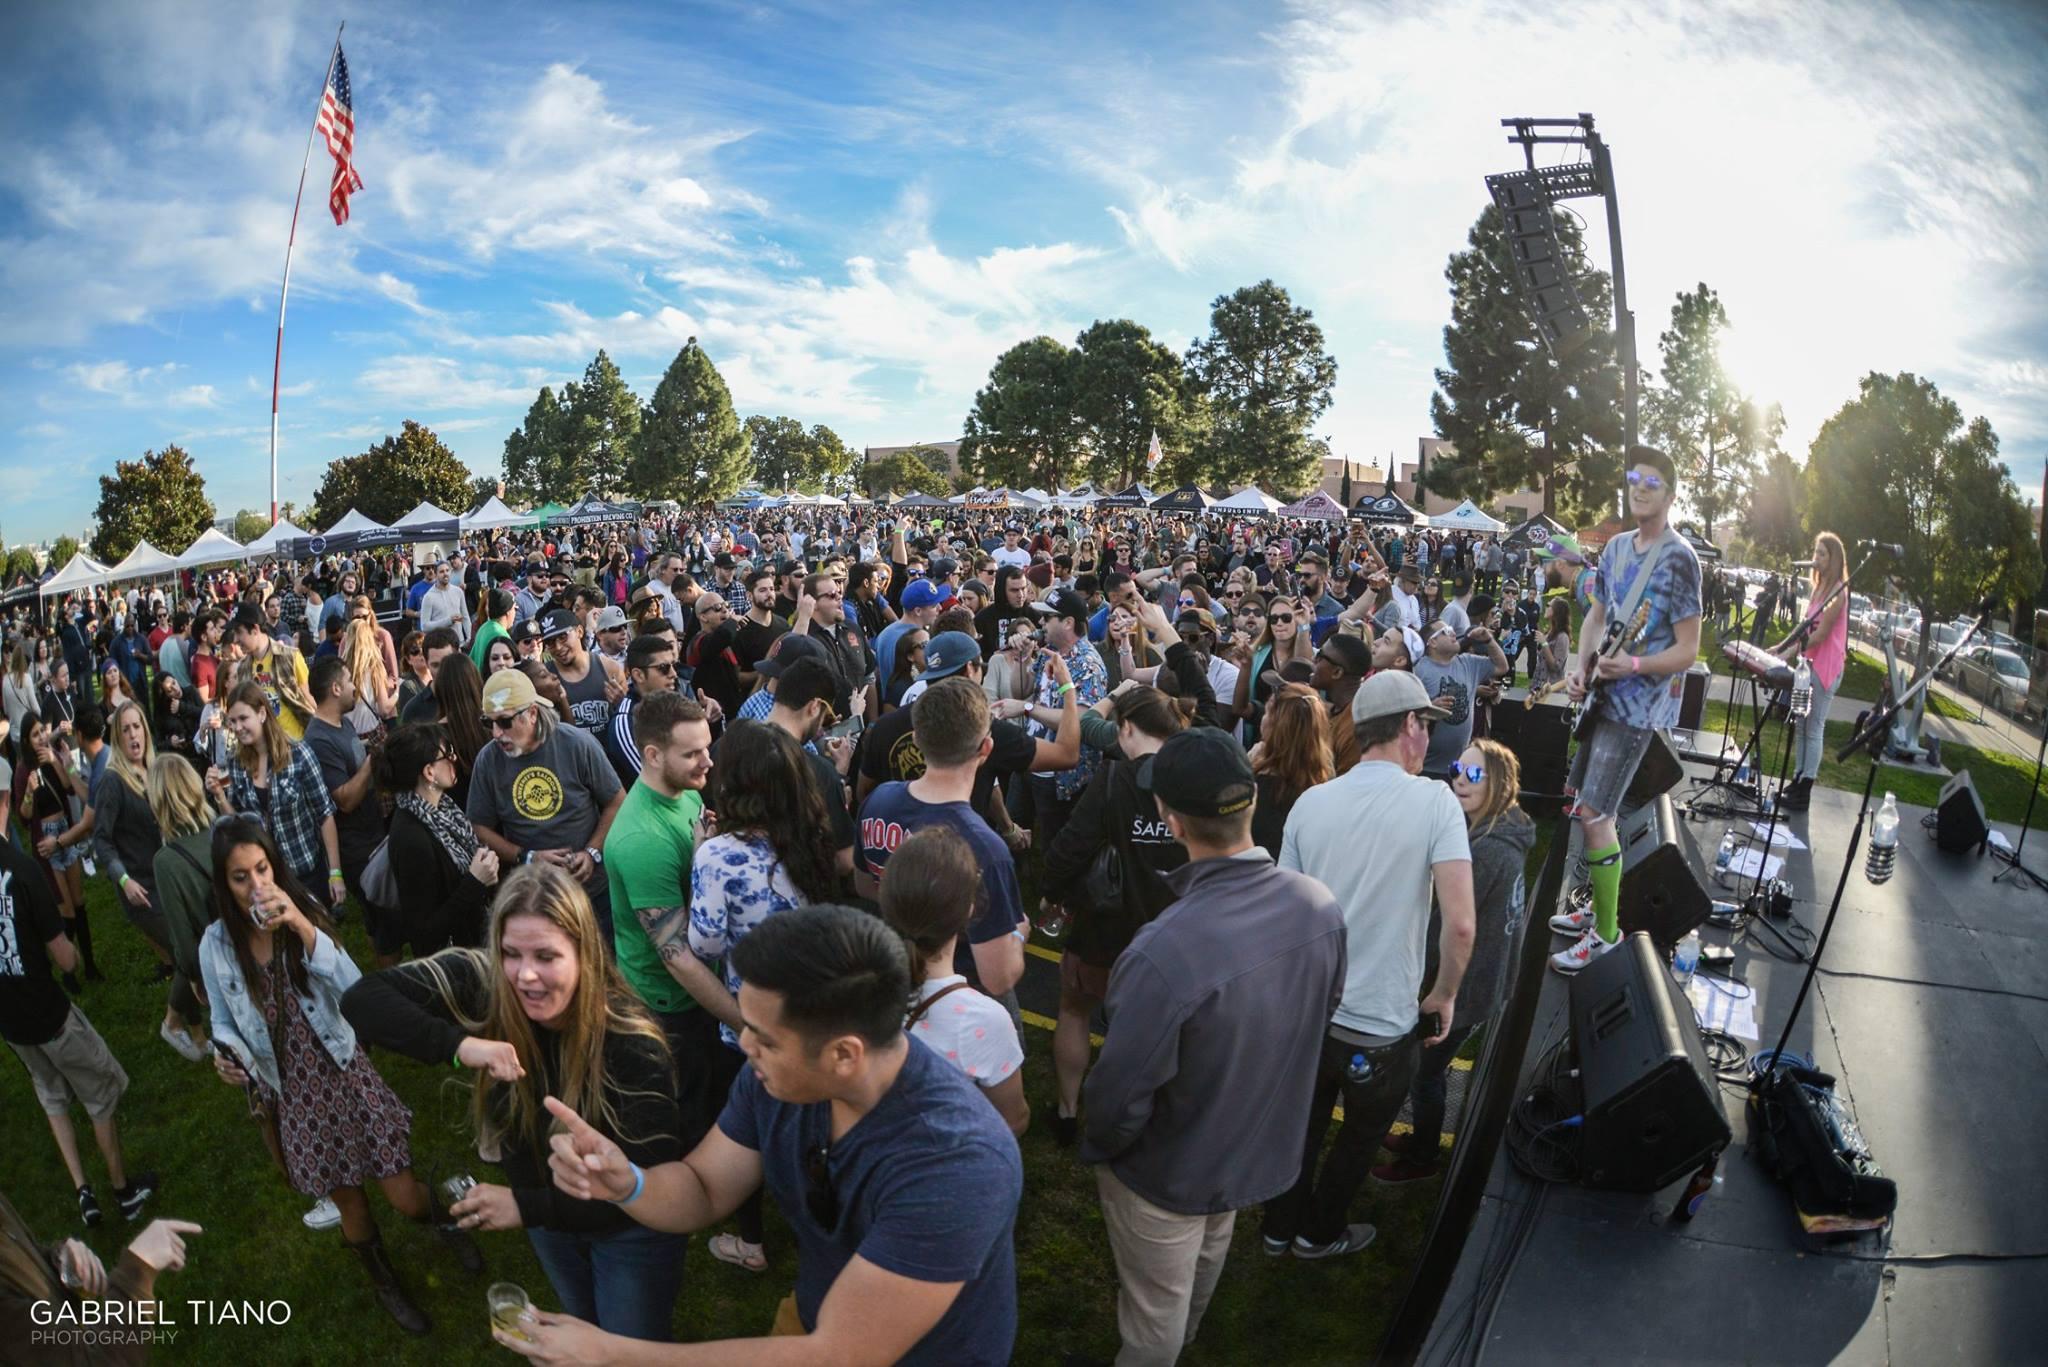 2017 San Diego Summer Brew Fest. 2017 San Diego Summer Brew Fest